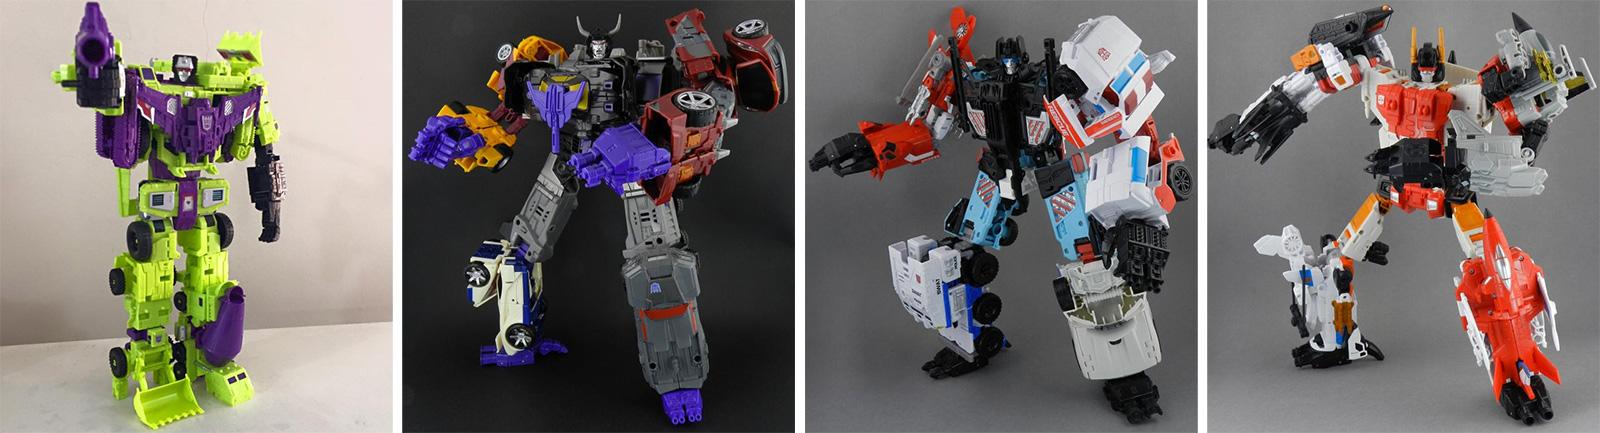 Devastator, Menasor, Protector ve Superion. Hepsinin oyuncakları var, satalım mı çocuğum?